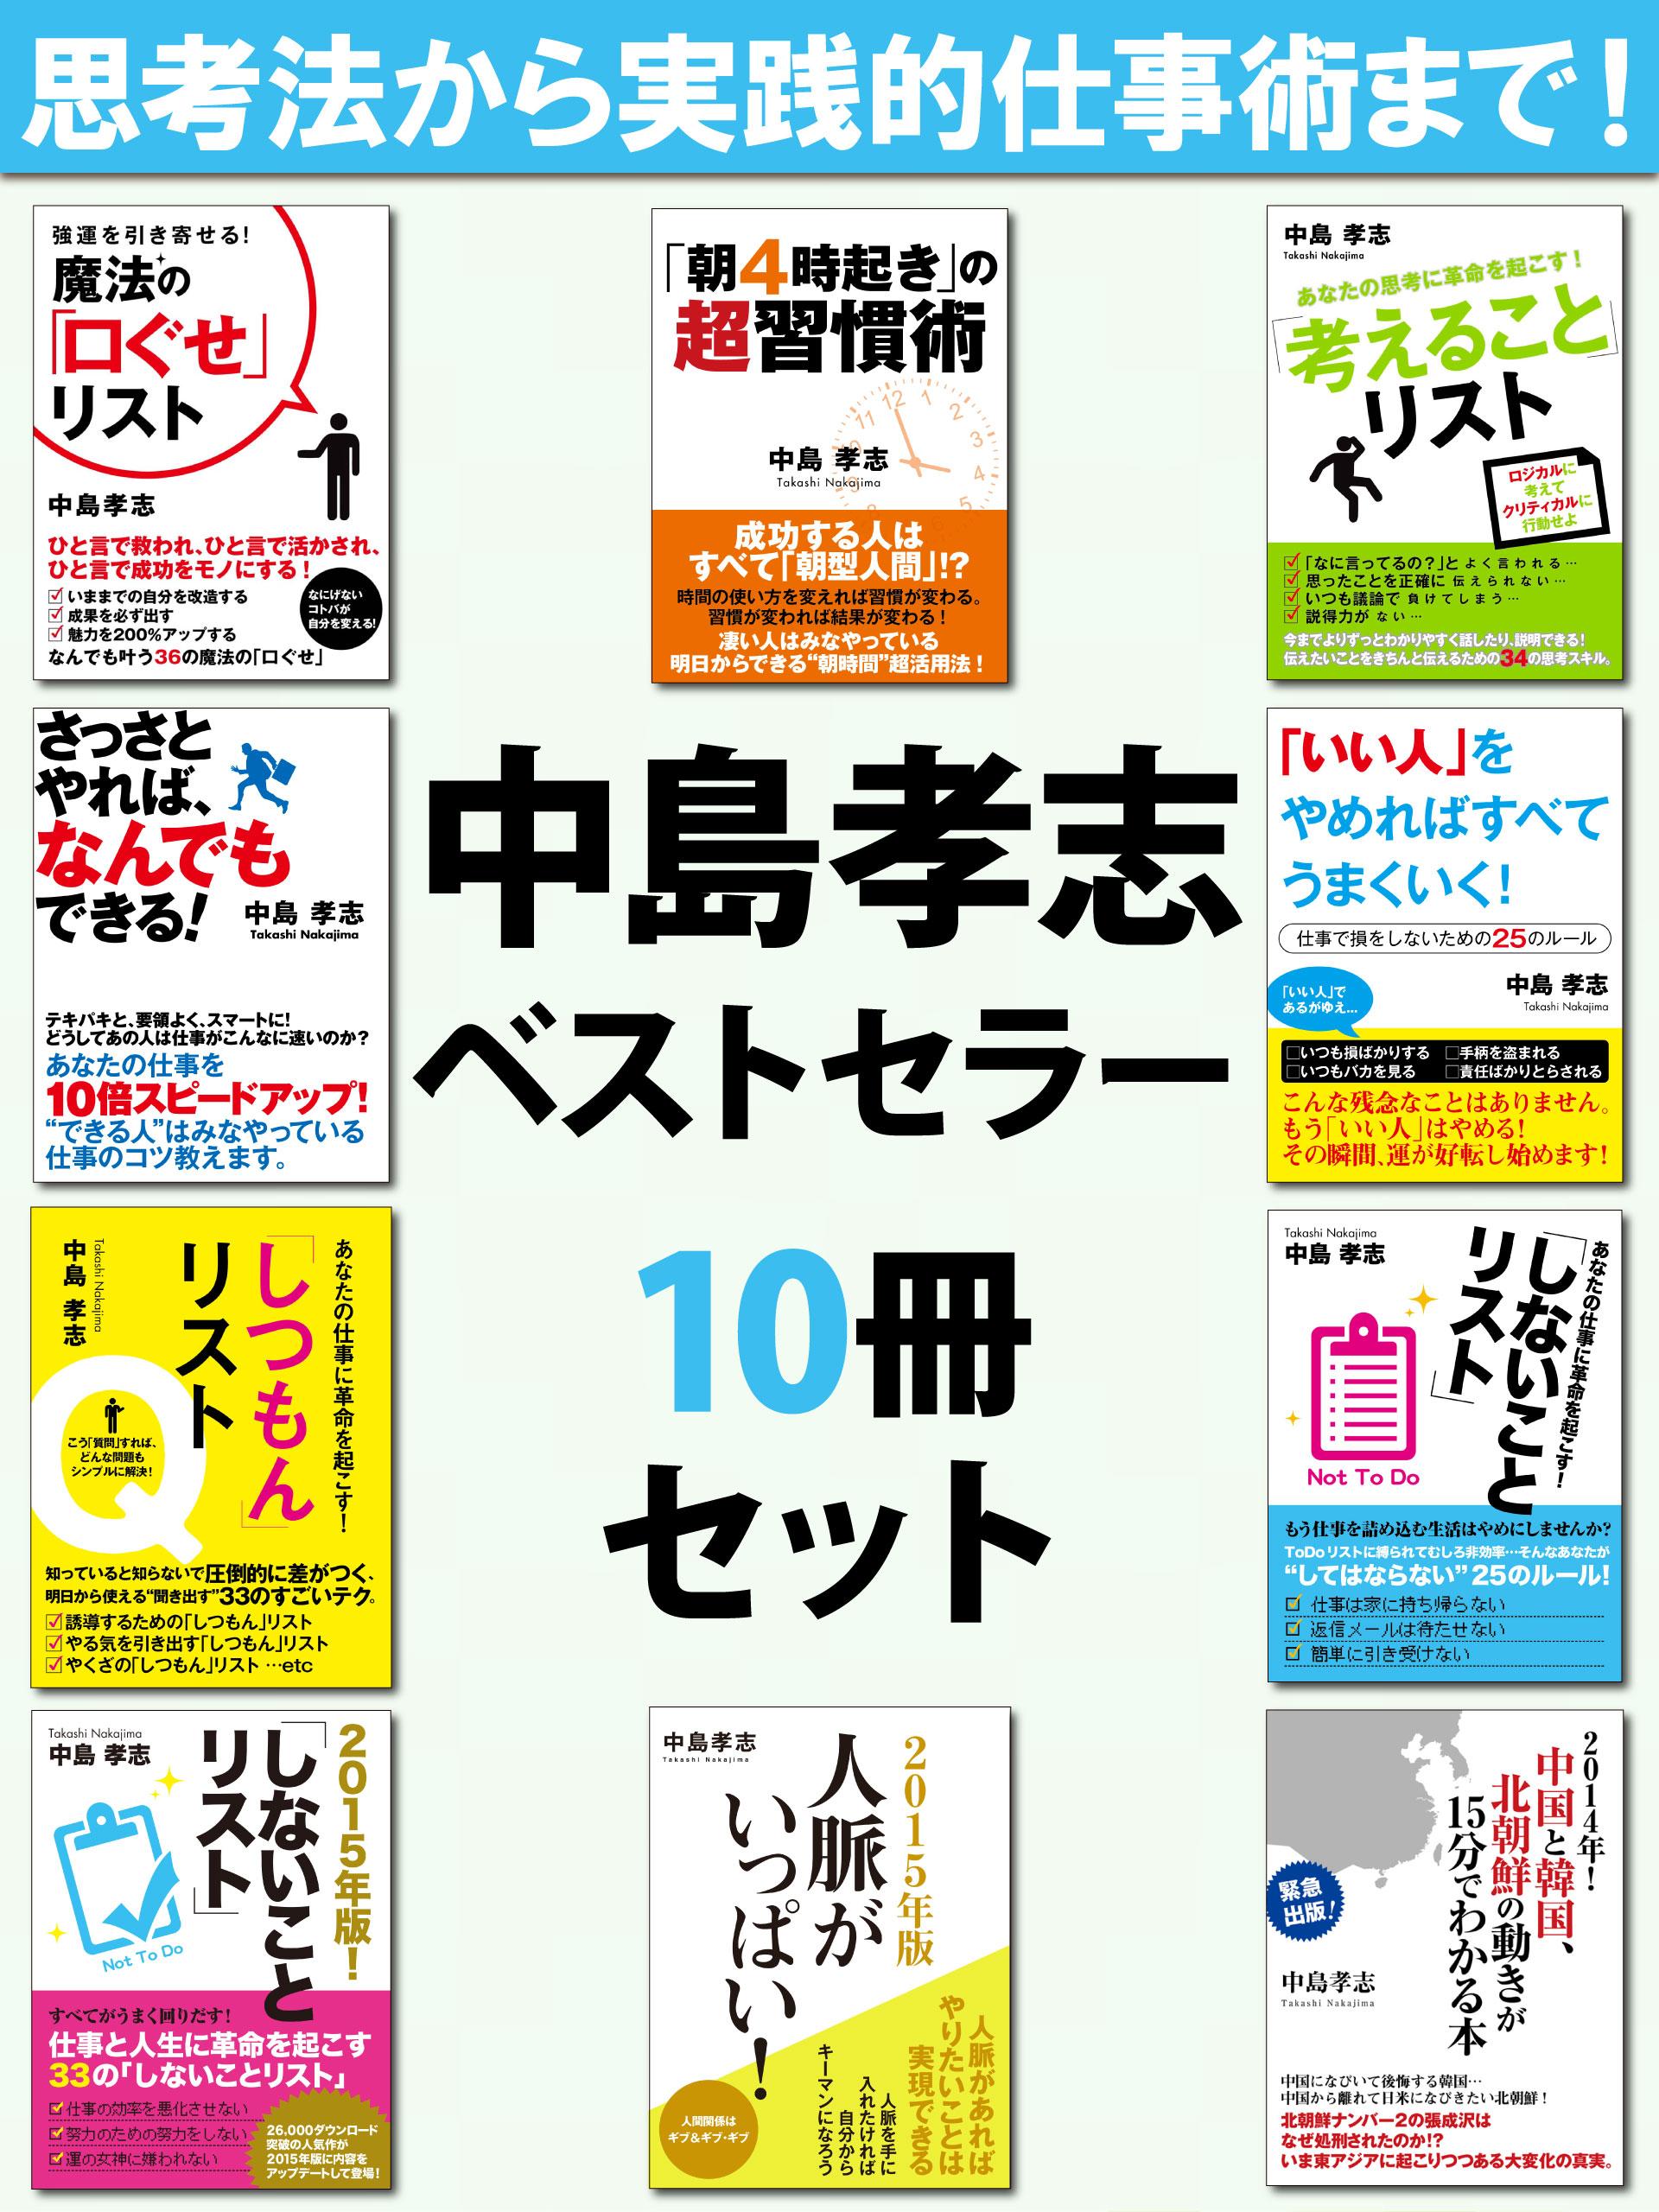 中島孝志ベストセラー10冊セット